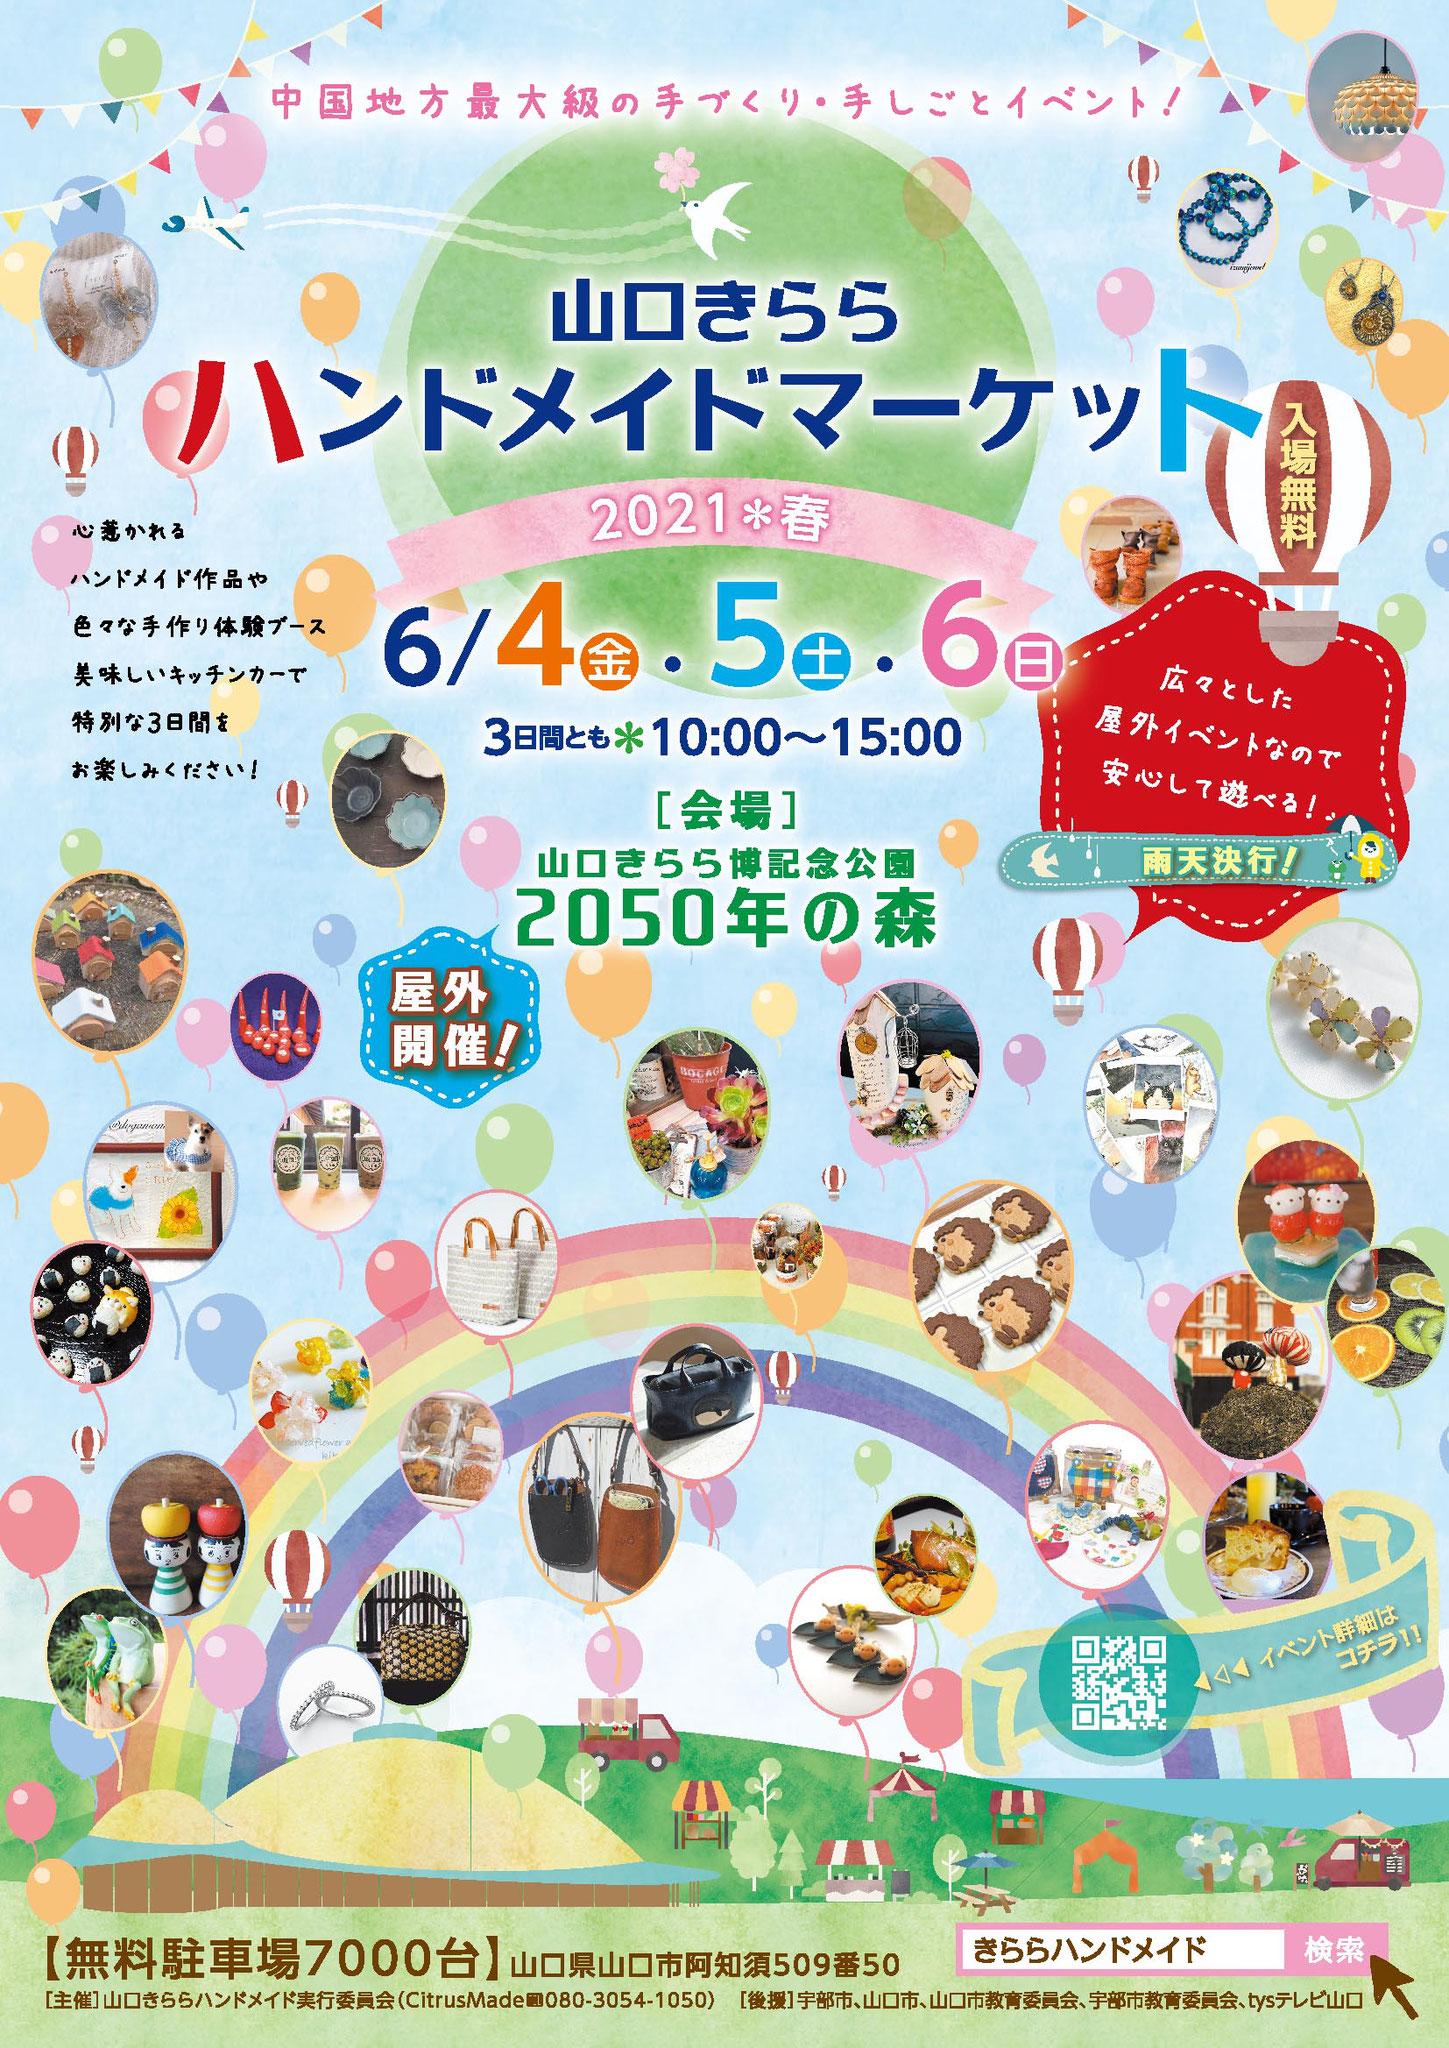 山口きららハンドメイドマーケット2021春